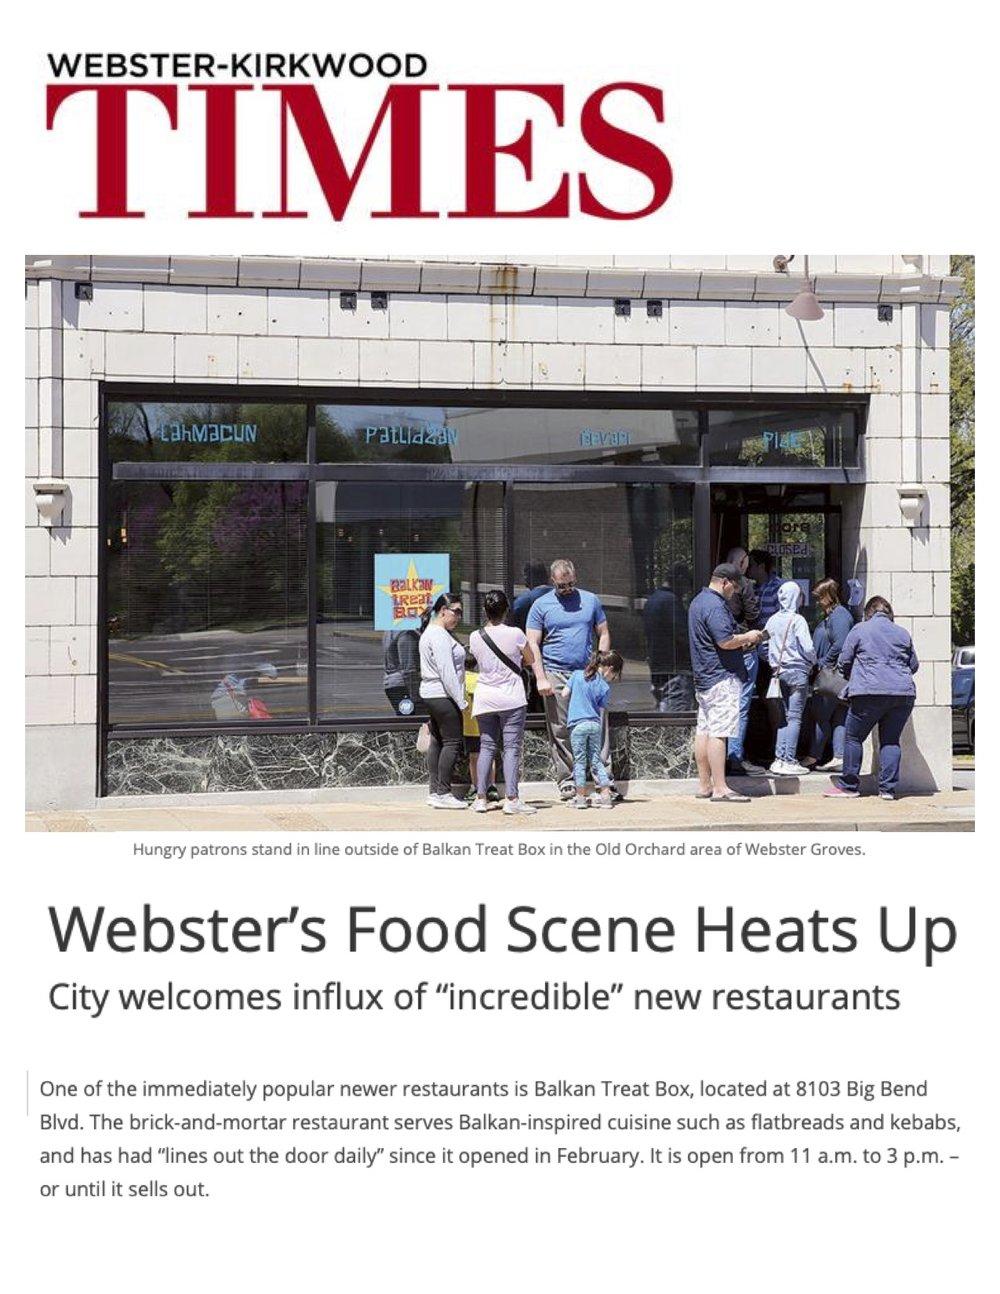 Webster Kirkwood Times 2019 April.jpg